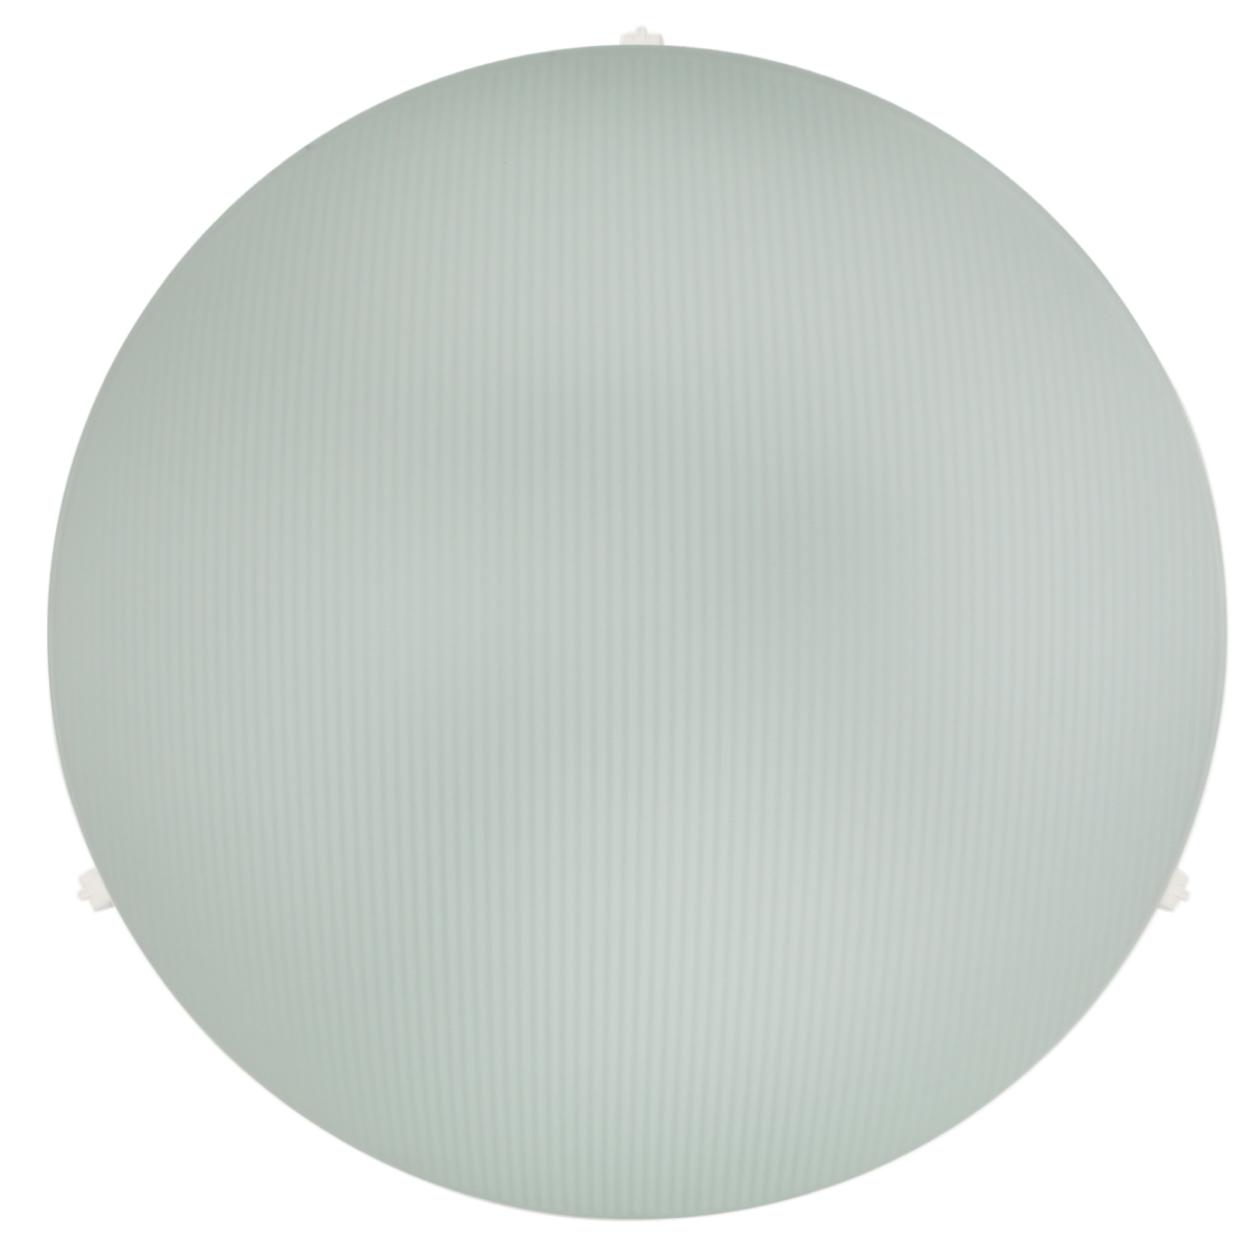 MICRON LAMPA SUFITOWA PLAFON 30 UCHWYT BIAŁY 1X60 W E27 - 13-55231